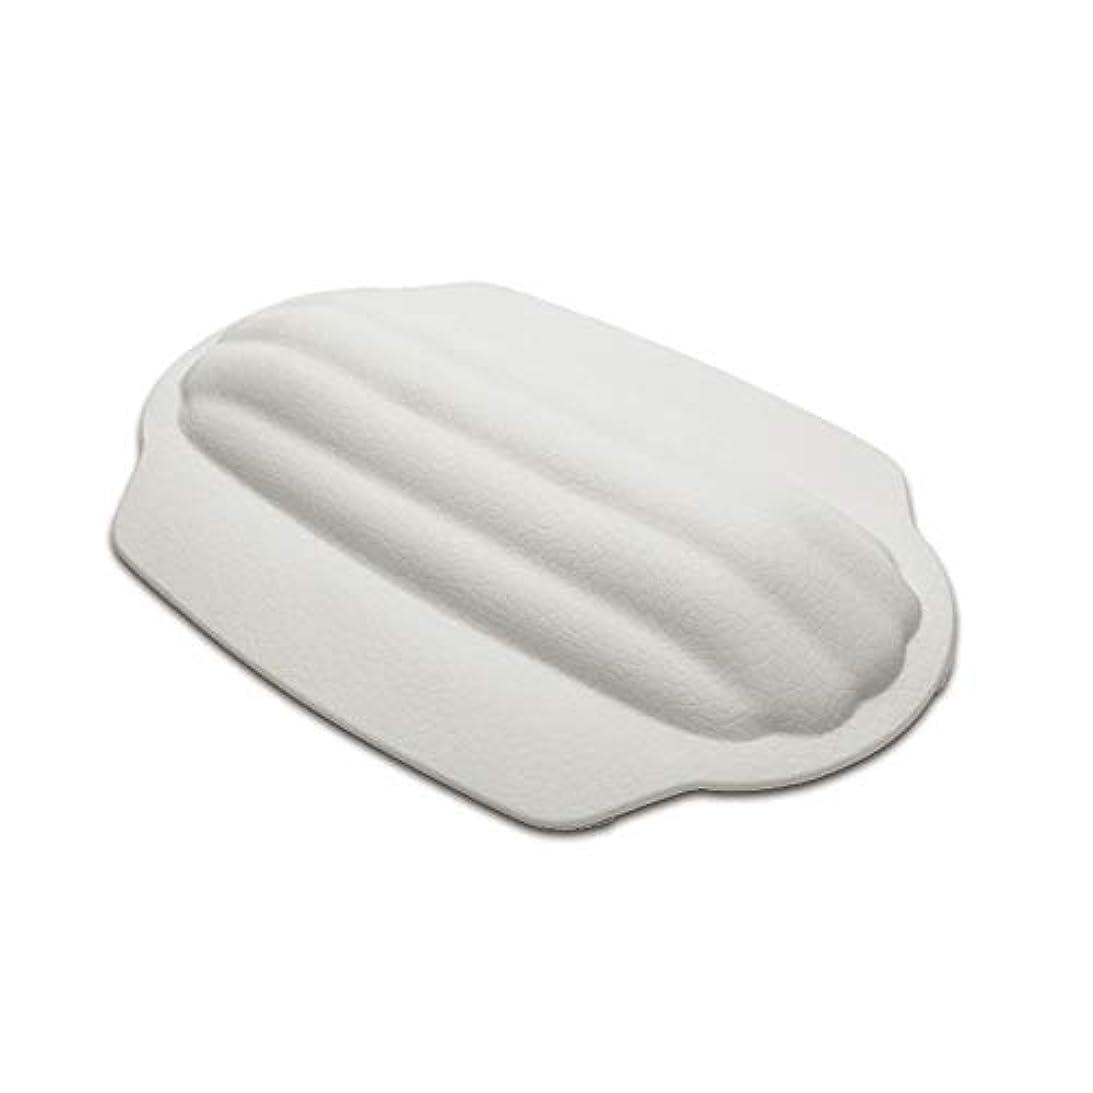 一次贅沢原告浴槽枕 頭と首と背中をサポートする美容スパバスヘッドレストにおけるバスマットの首枕ヘッドレスト バスルーム枕 (色 : 白, サイズ : 32 x 23cm)